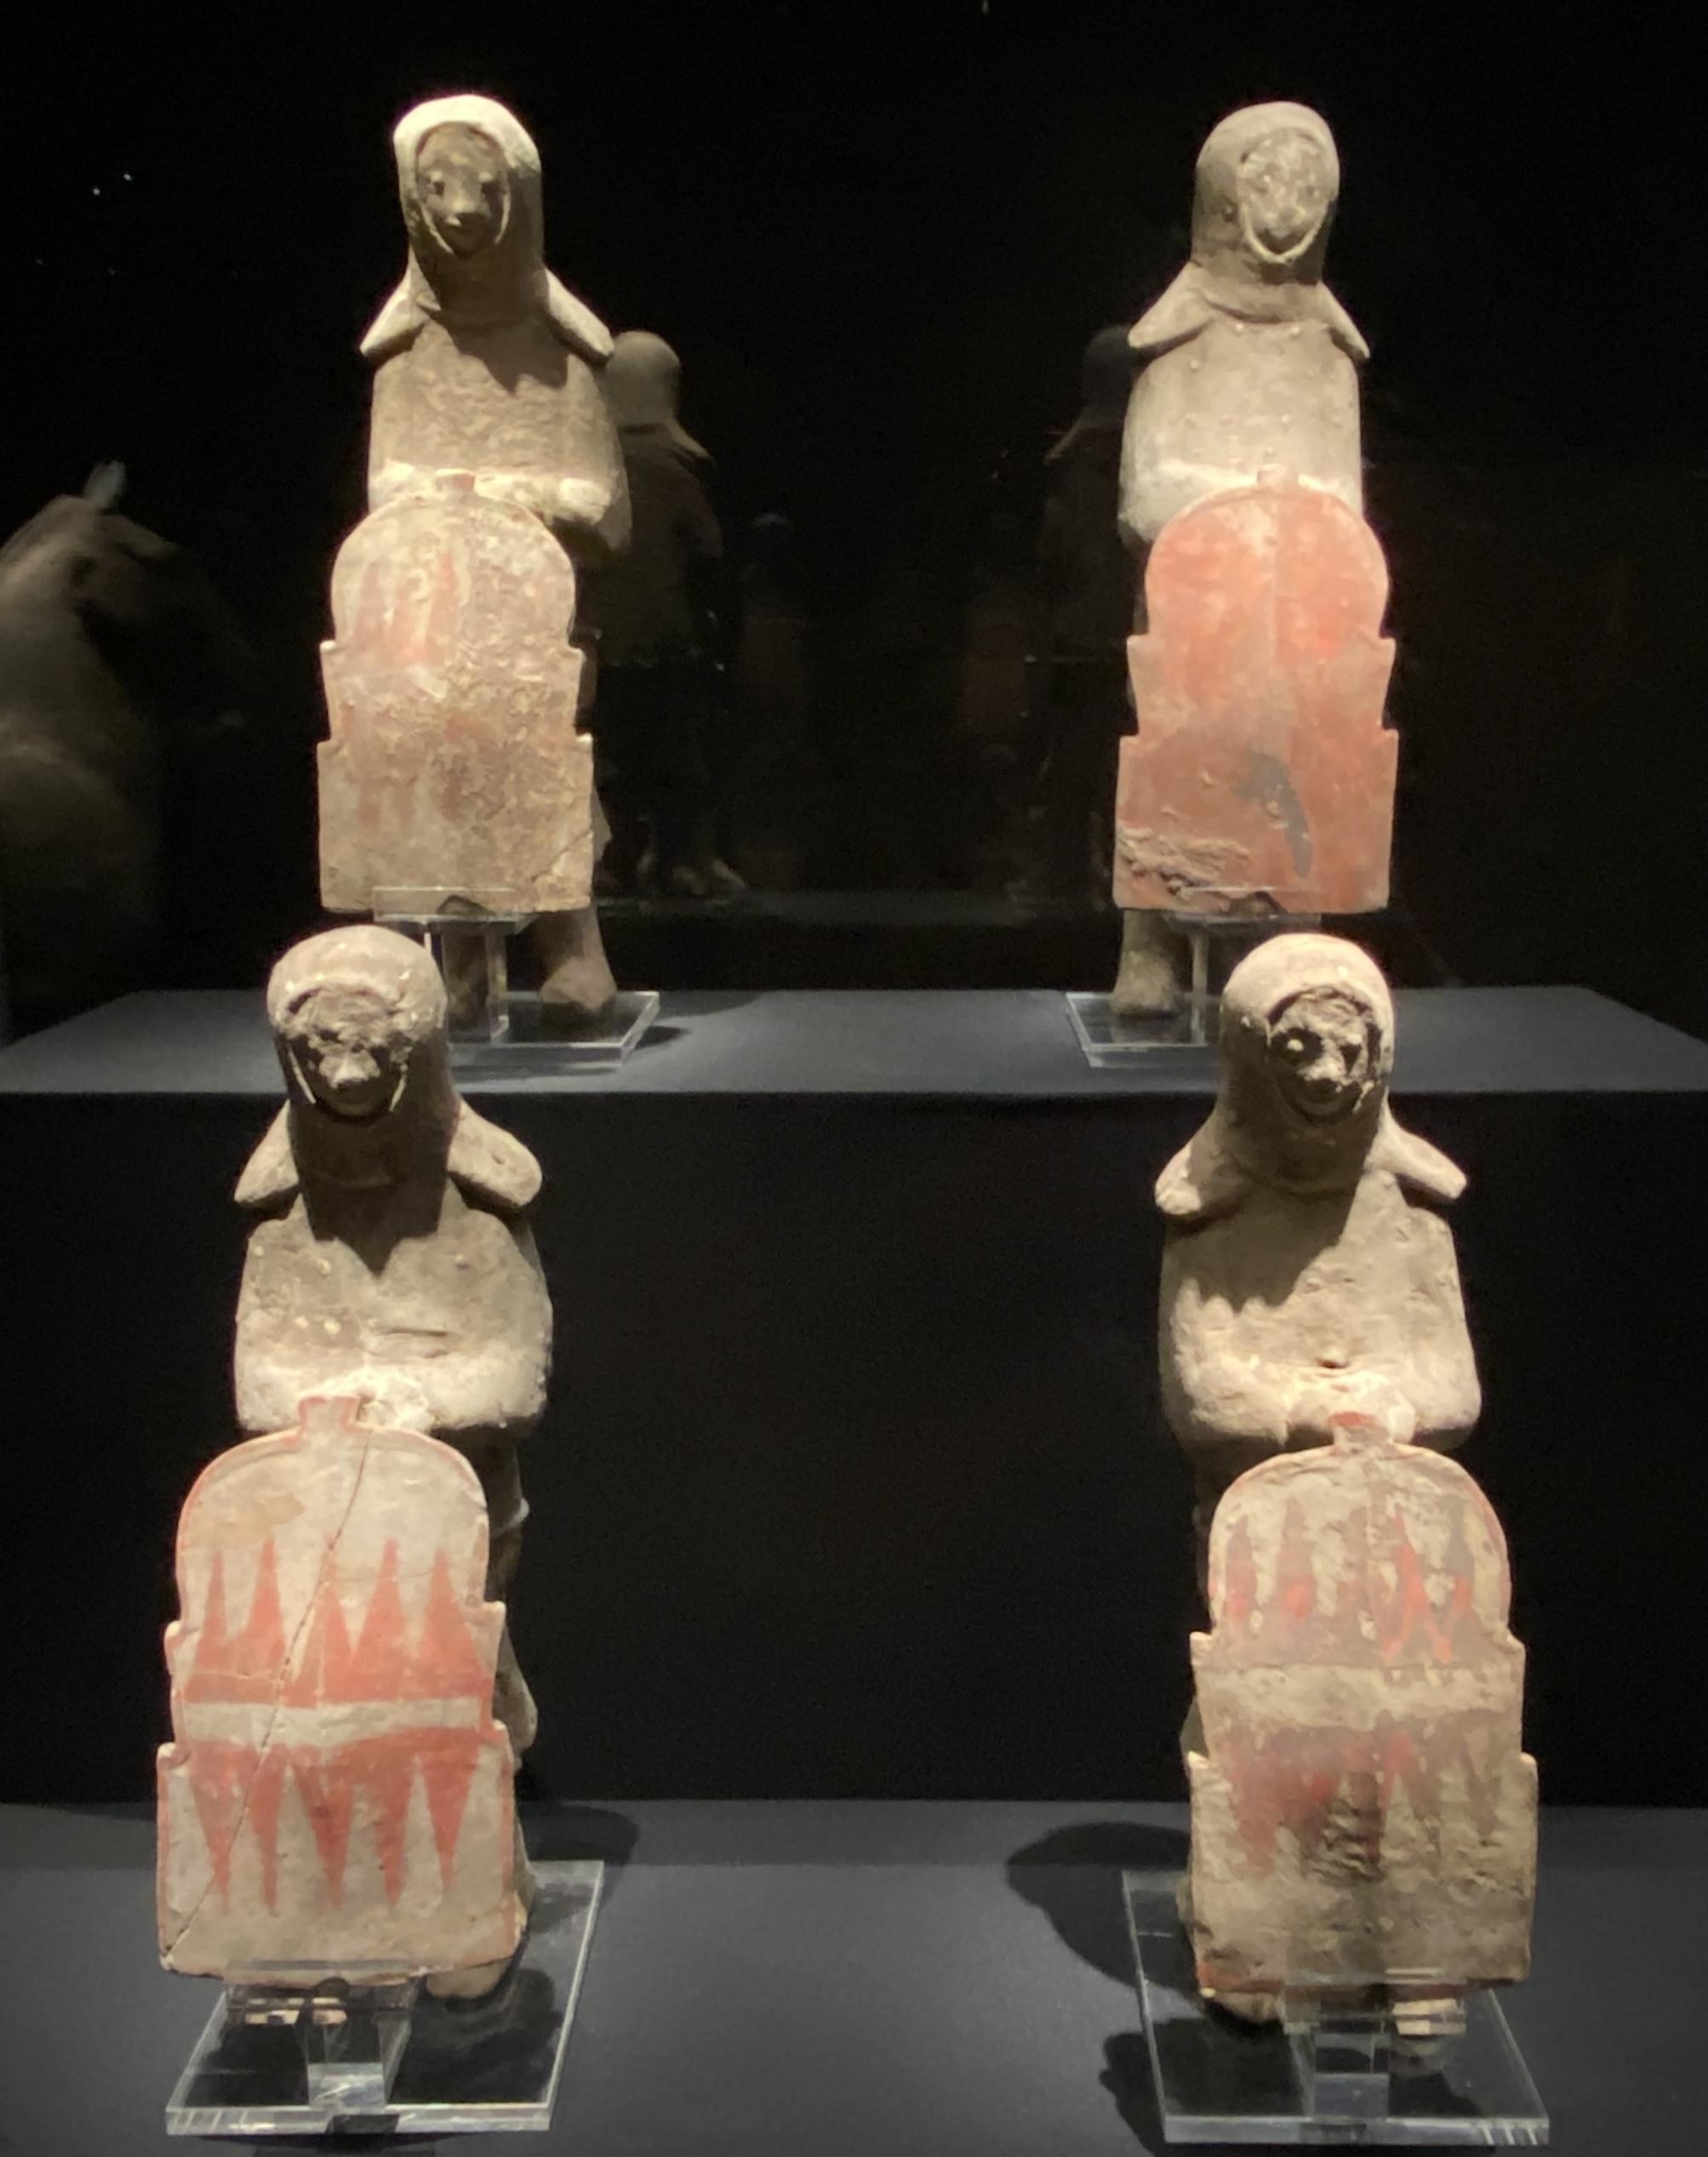 持盾立俑-【列備五都-秦漢時代の中国都市】-成都博物館-四川成都